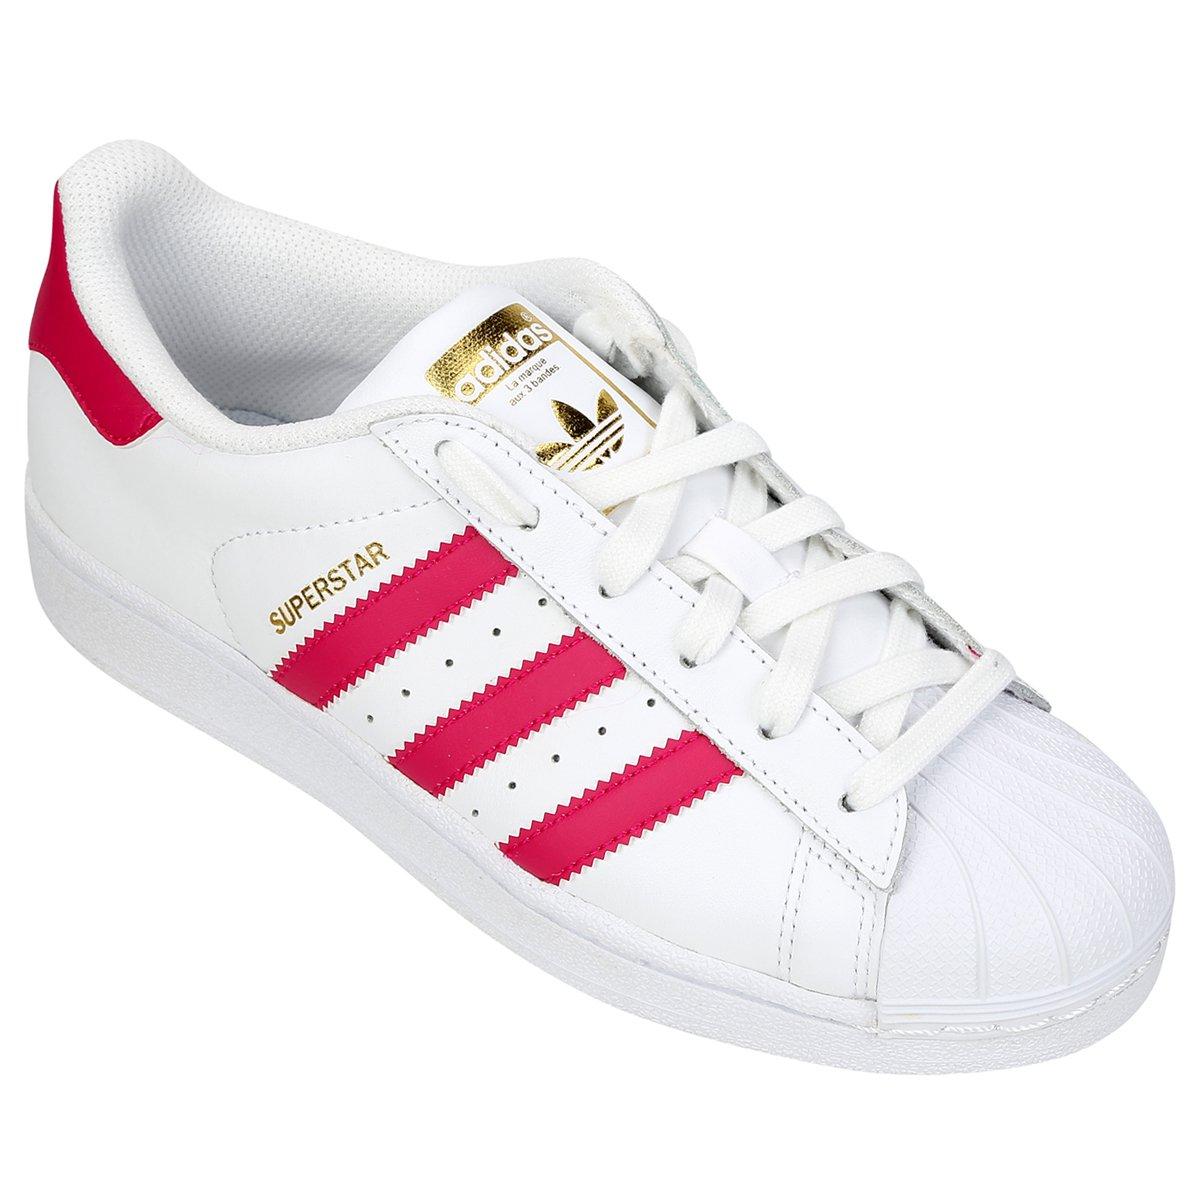 1040b2c9f Tênis Adidas Superstar Foundation Infantil - Compre Agora